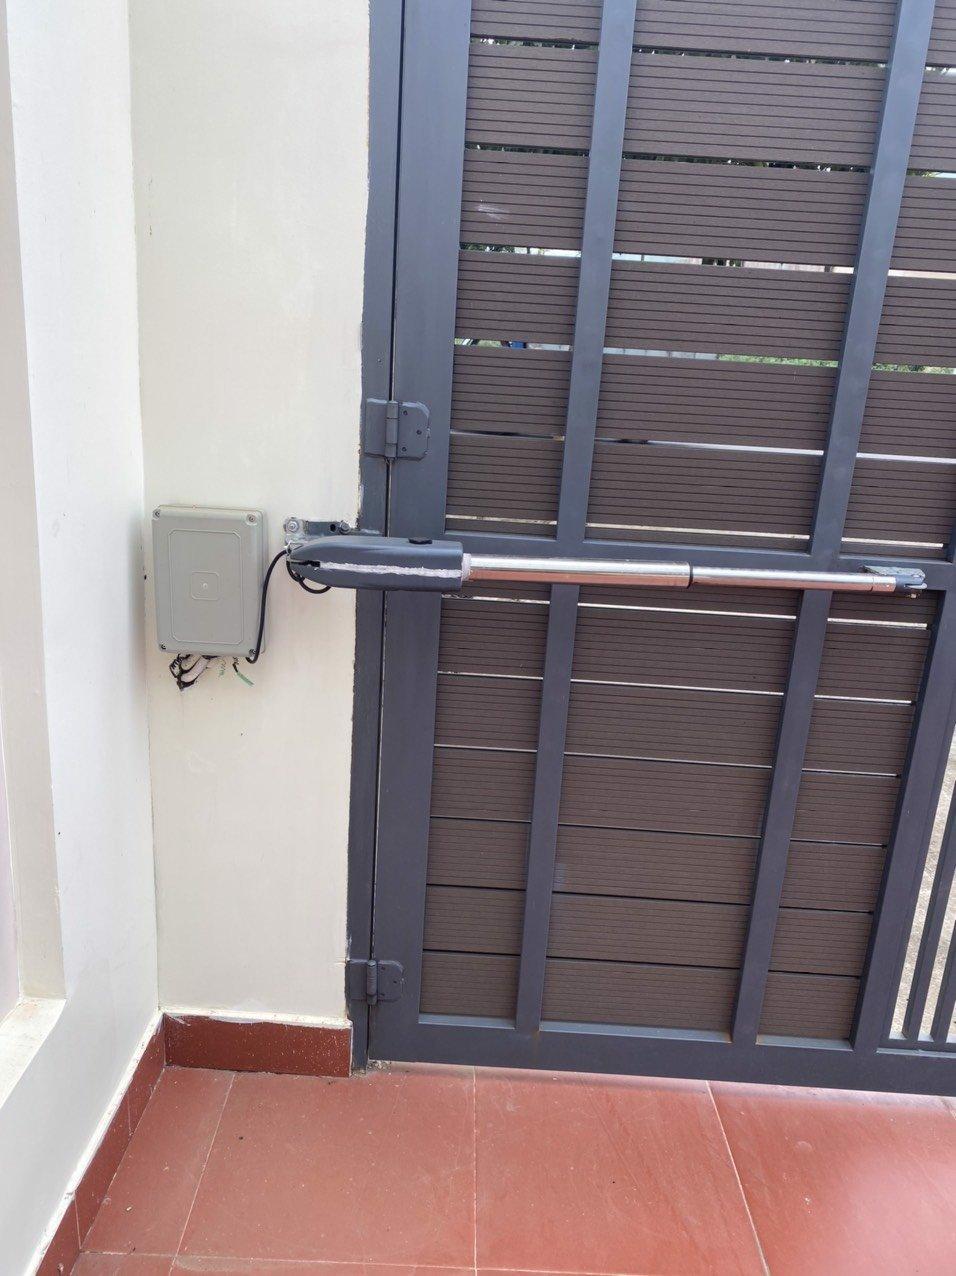 Motor cửa cổng - cánh tay đòn PKM C02